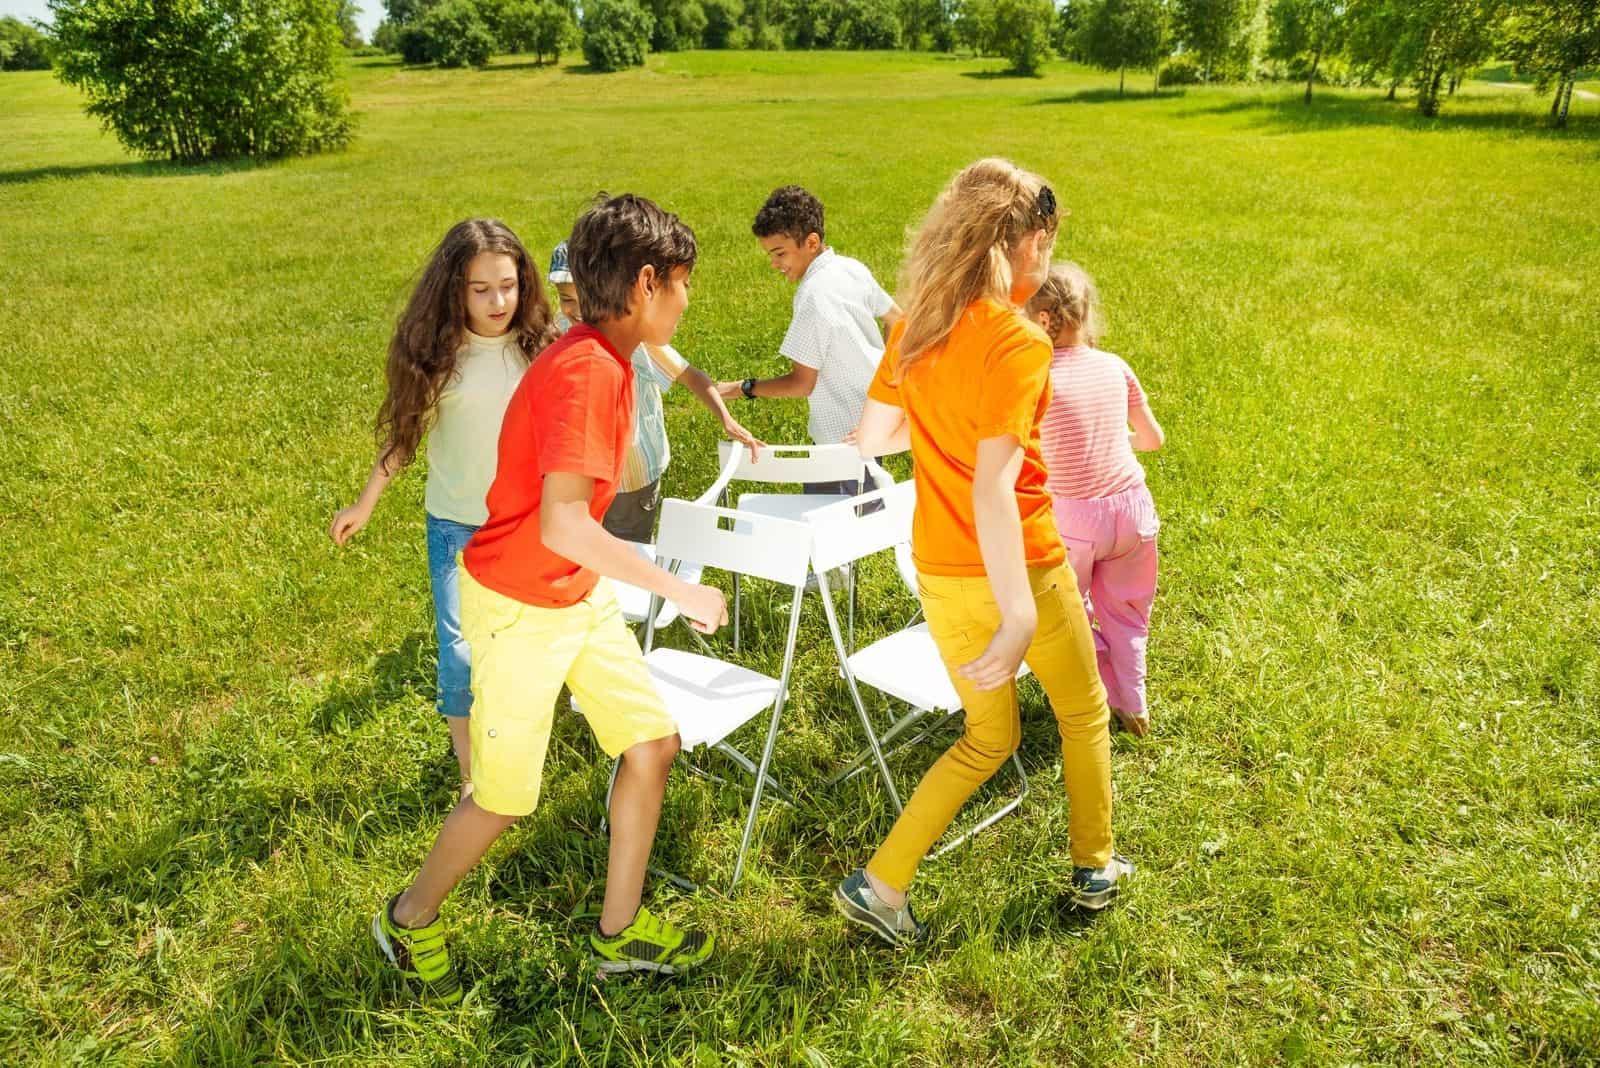 Kinder laufen um die Stühle herum Musikstuhl im Freien spielen